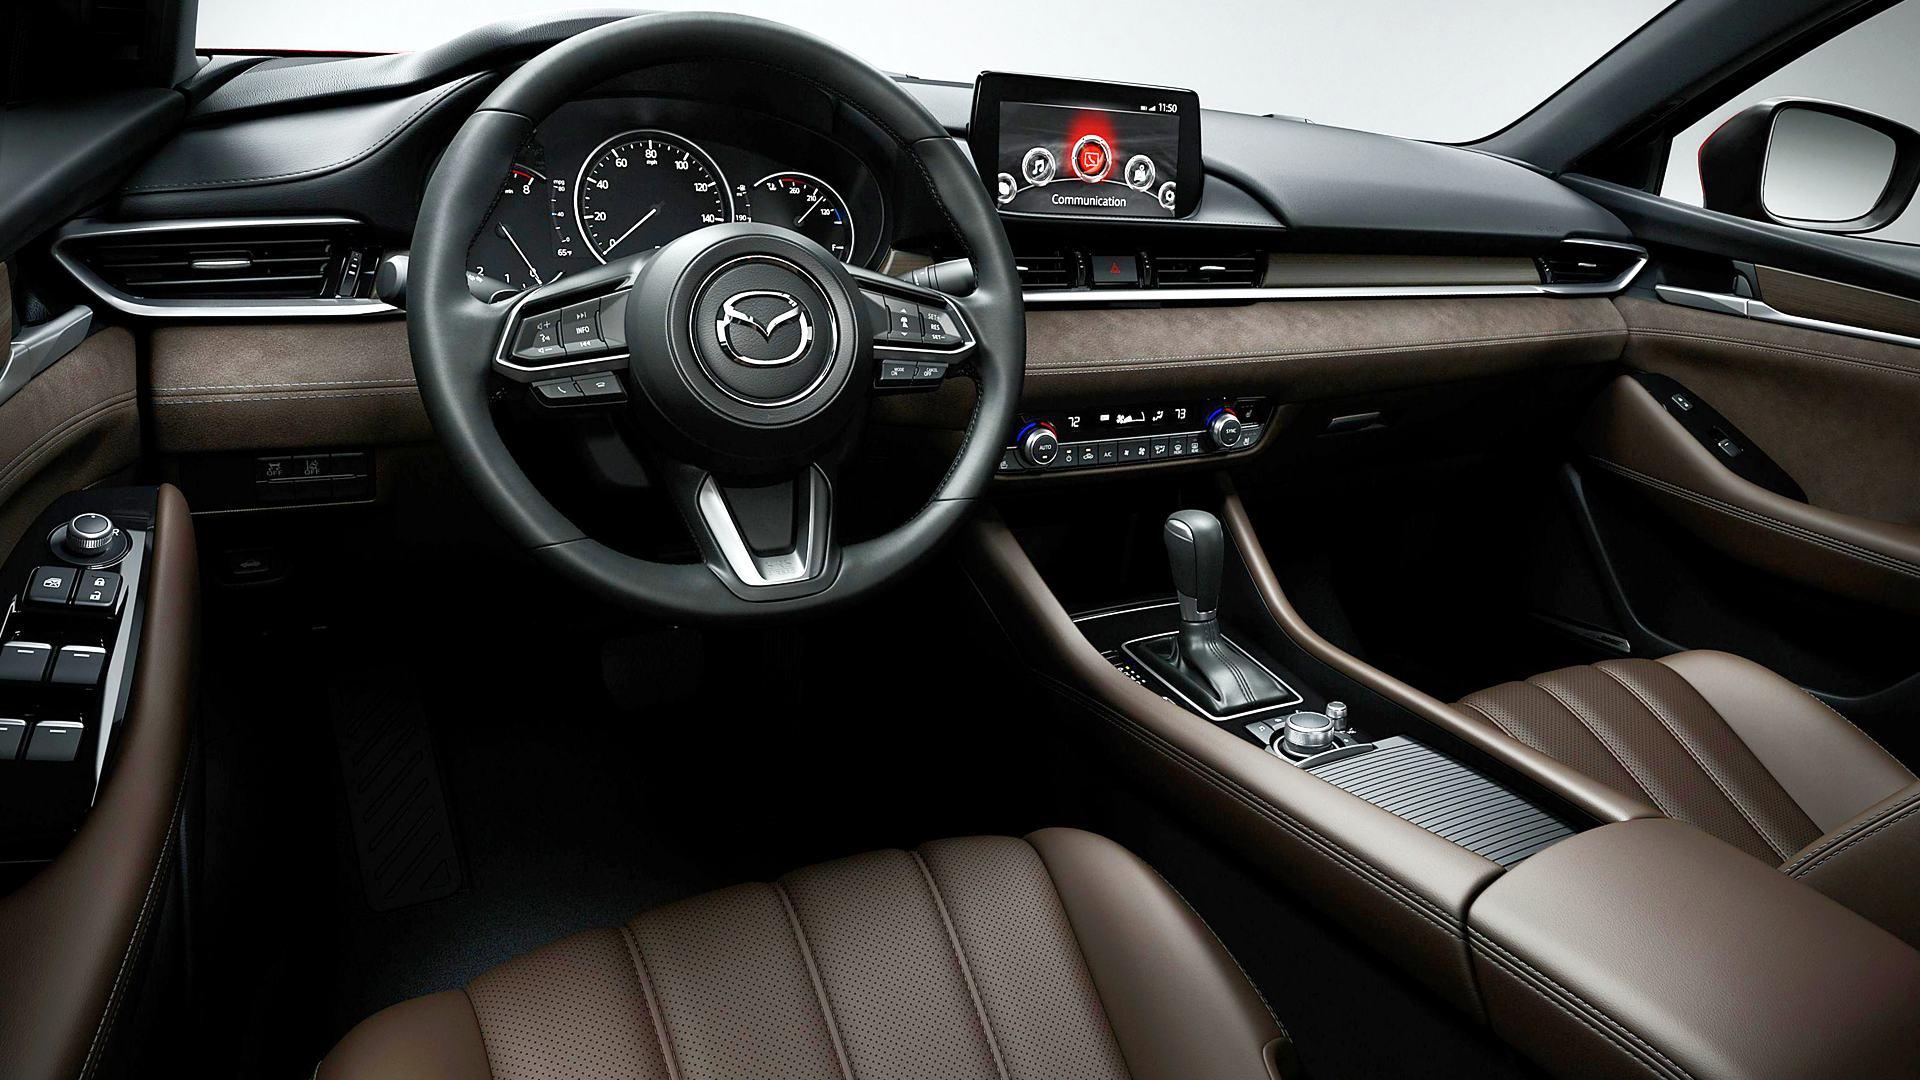 2020 Mazda 6 Interior Inside